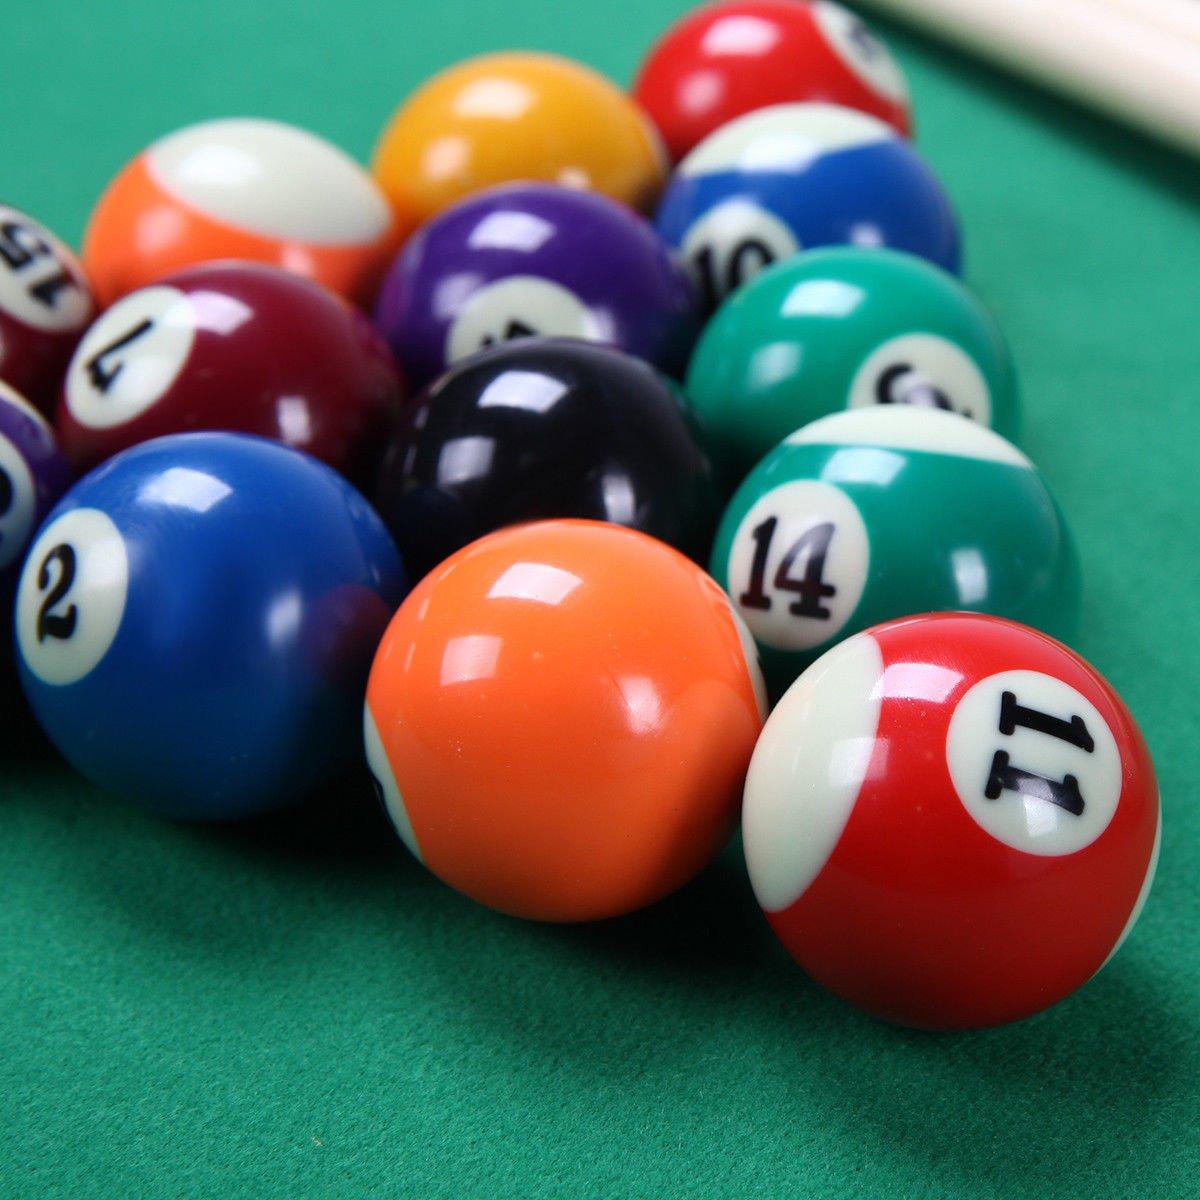 Juego de mesa de juego 3 en 1 de 91,44 cm con hockey de aire con piscina de tenis y billar: Amazon.es: Deportes y aire libre